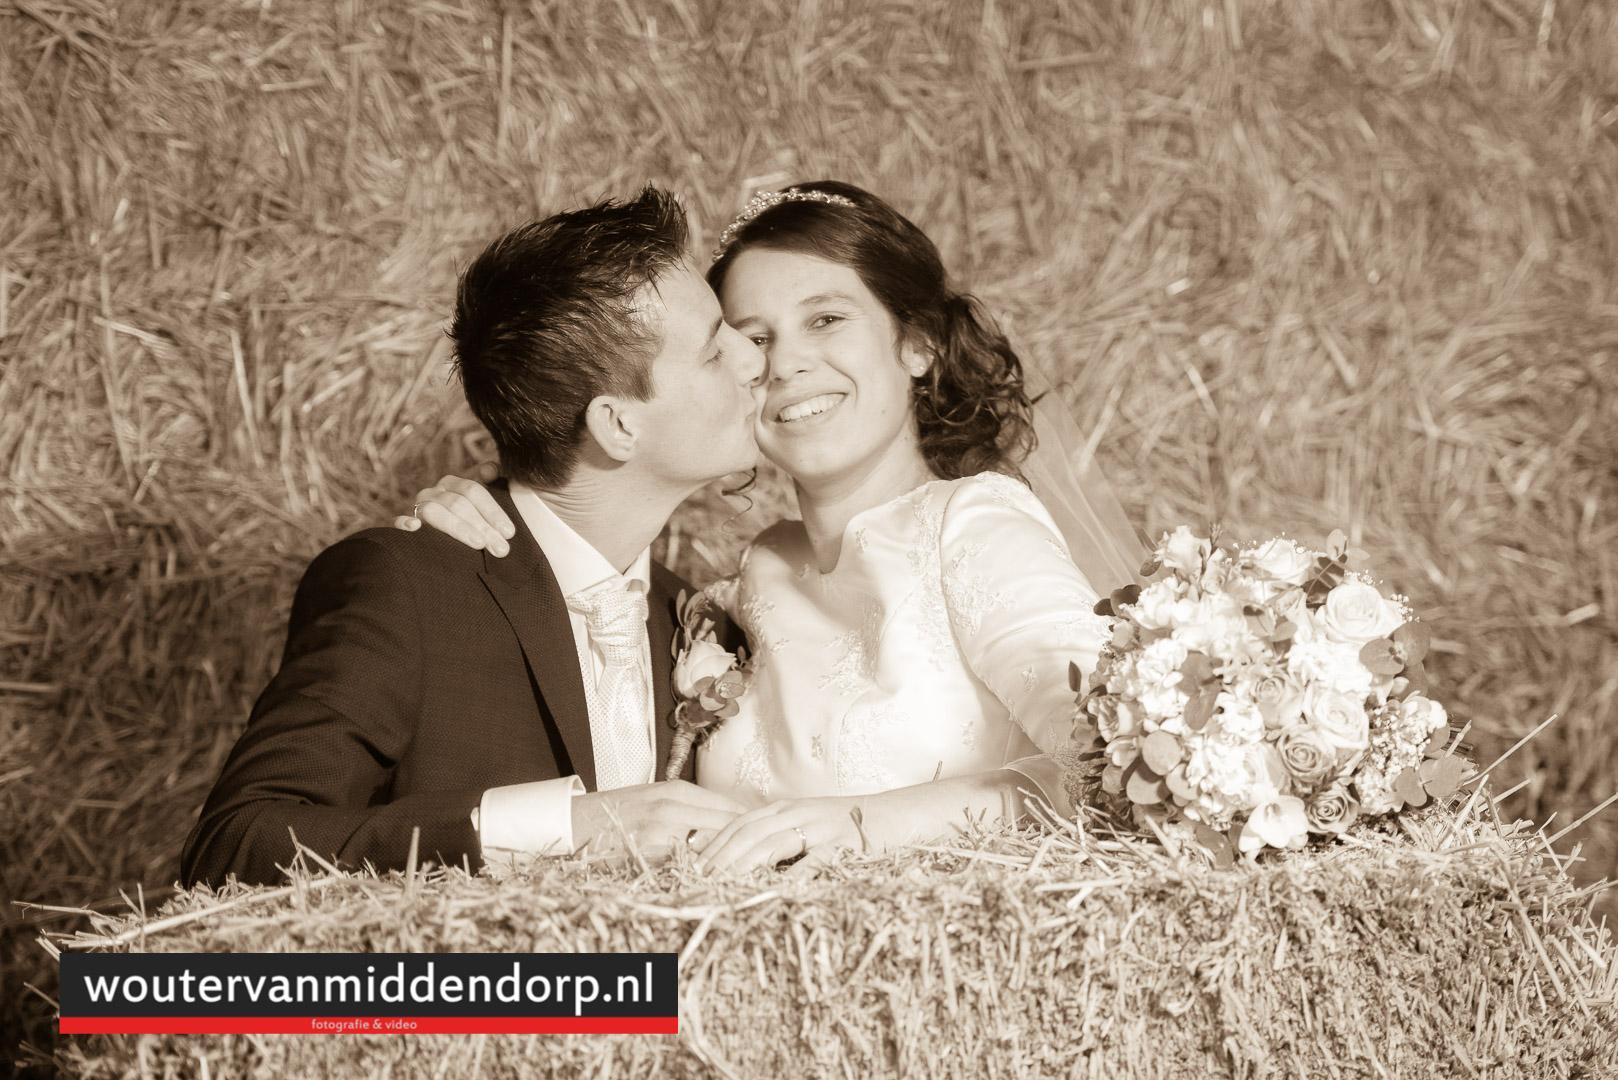 foto Wouter van Middendorp Uddel, Veluwe, Gelderland, trouwfotograaf (16)